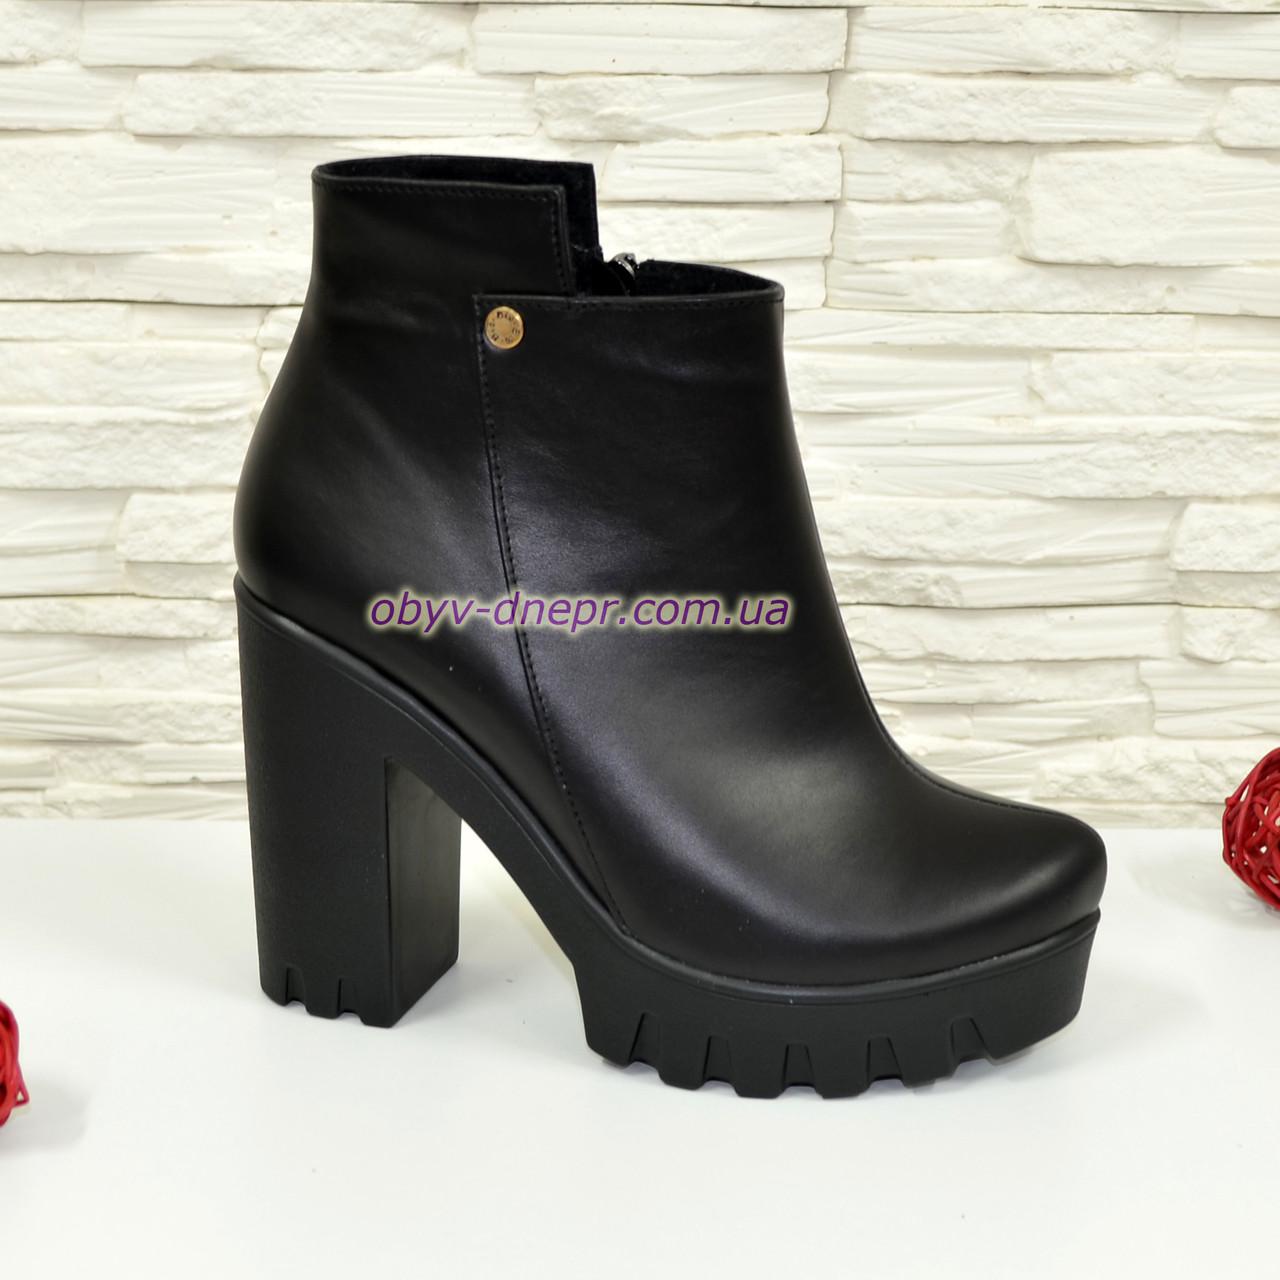 Ботинки женские кожаные на тракторной подошве